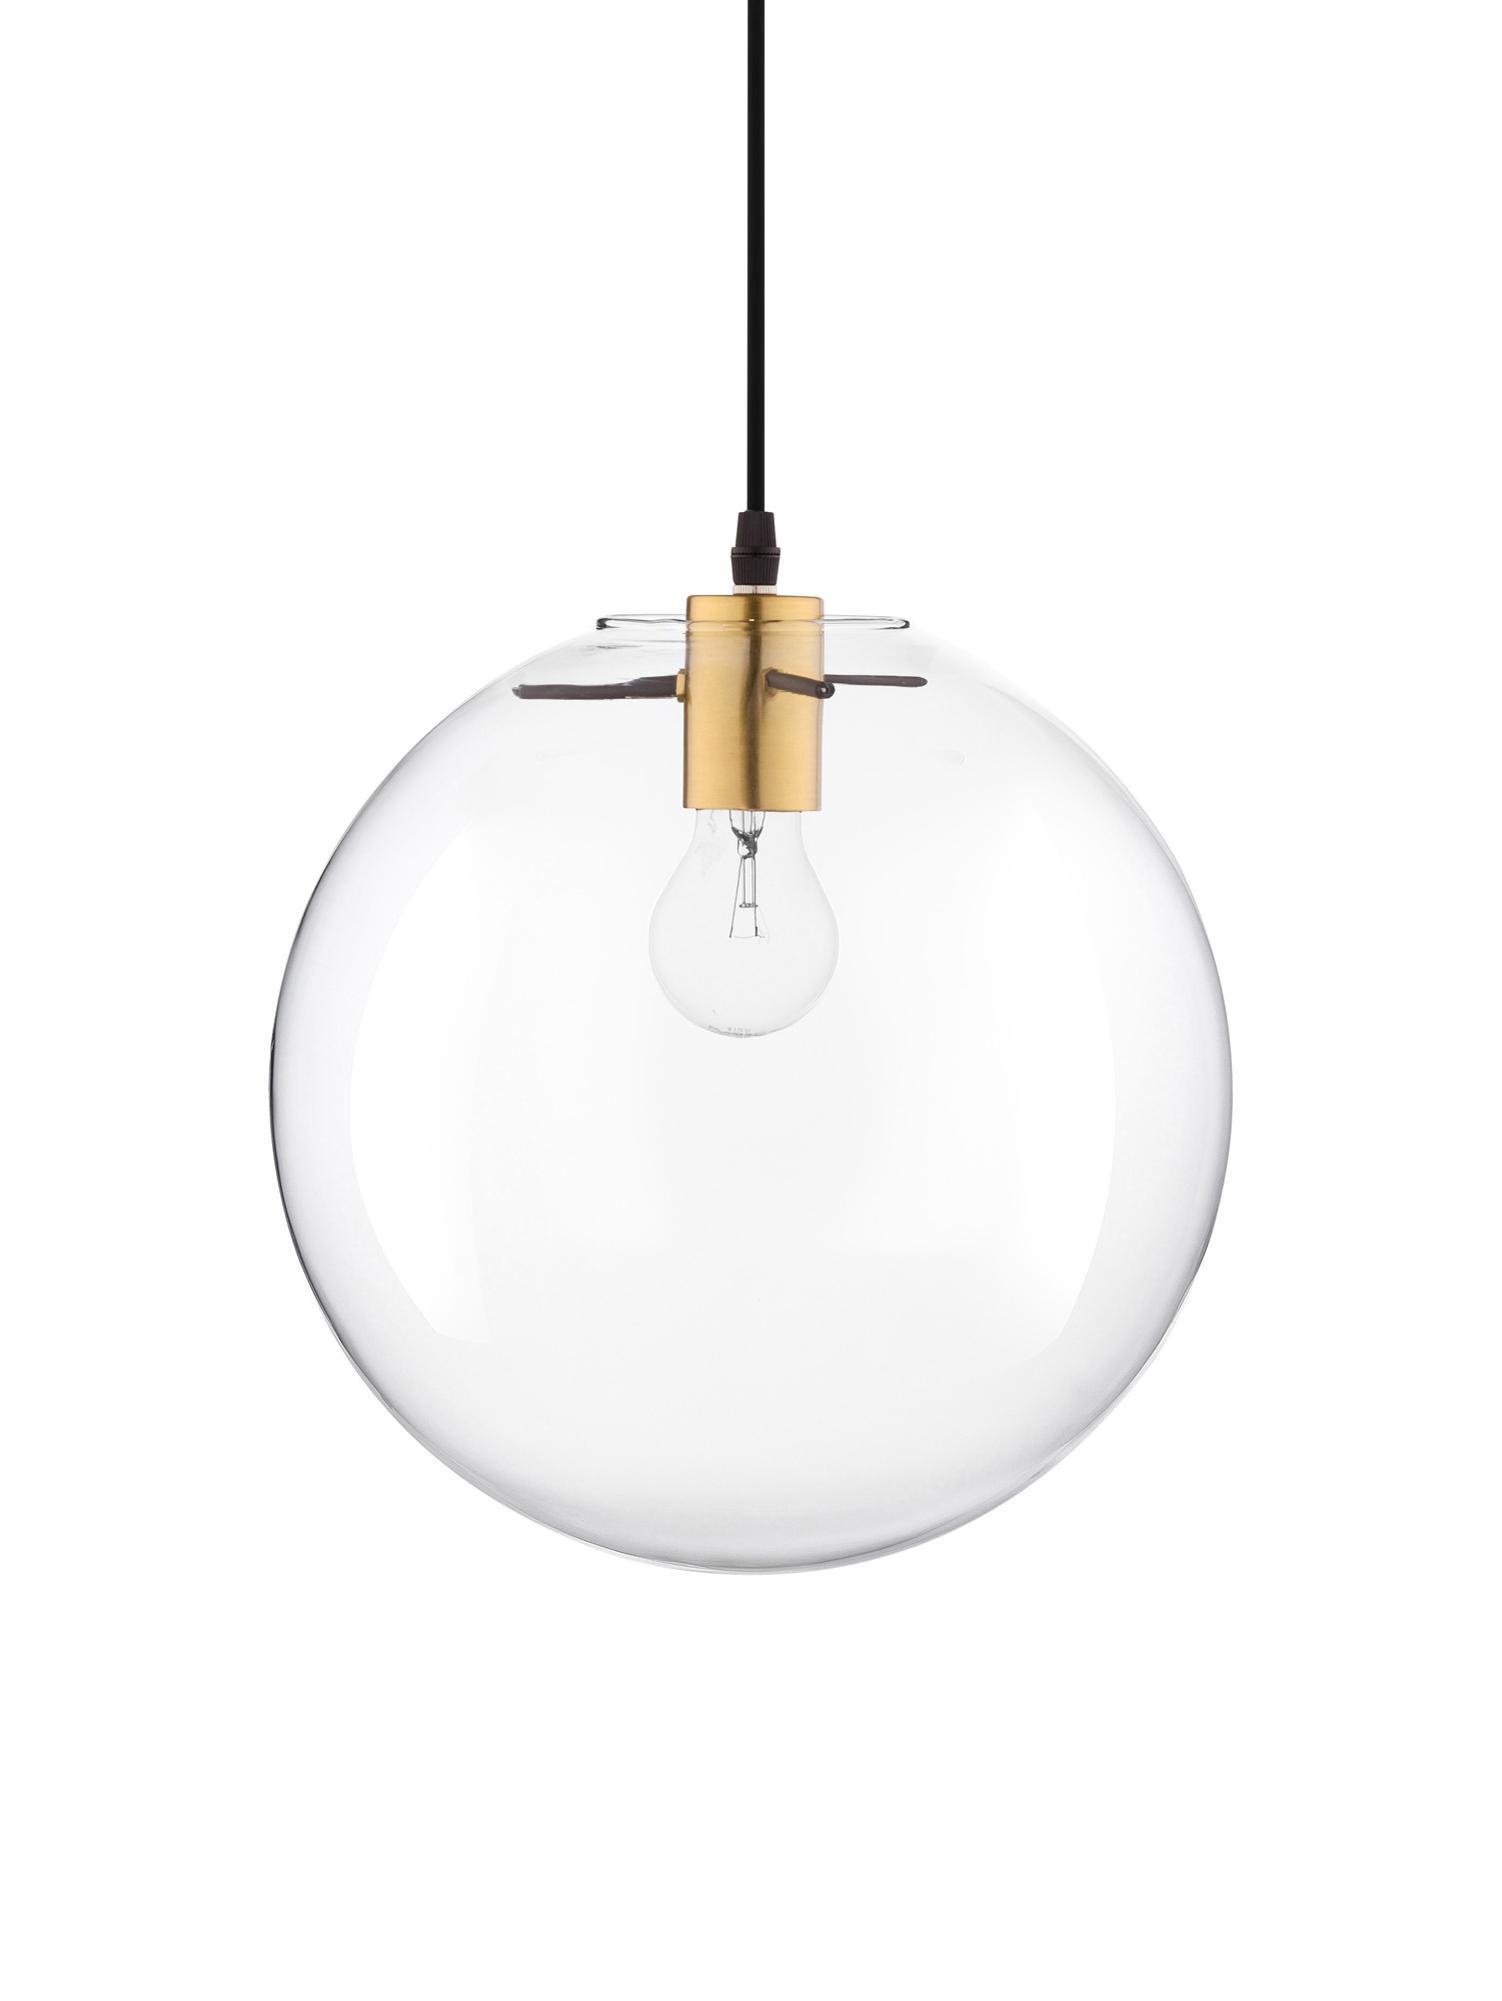 Lámpara de techo de vidrio Mirale, Pantalla: vidrio, Estructura: acero recubierto, Anclaje: plástico, Cable: plástico, Latón, transparente, Ø 25 x Al 25 cm